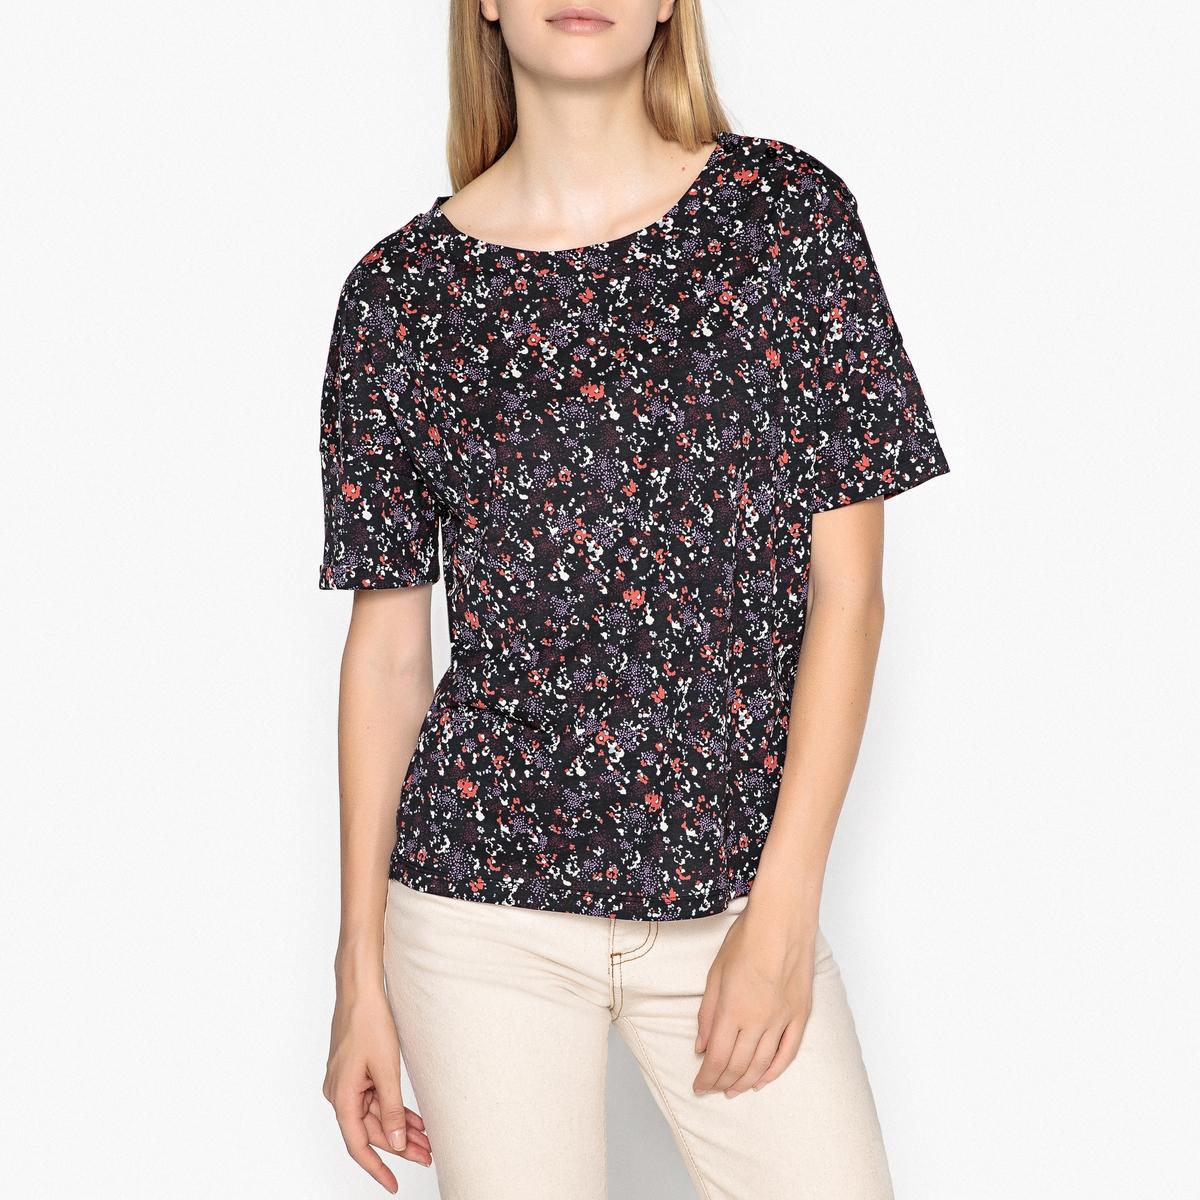 Блузка с рисунком и короткими рукавами ALERIA блузка кружевная с короткими рукавами